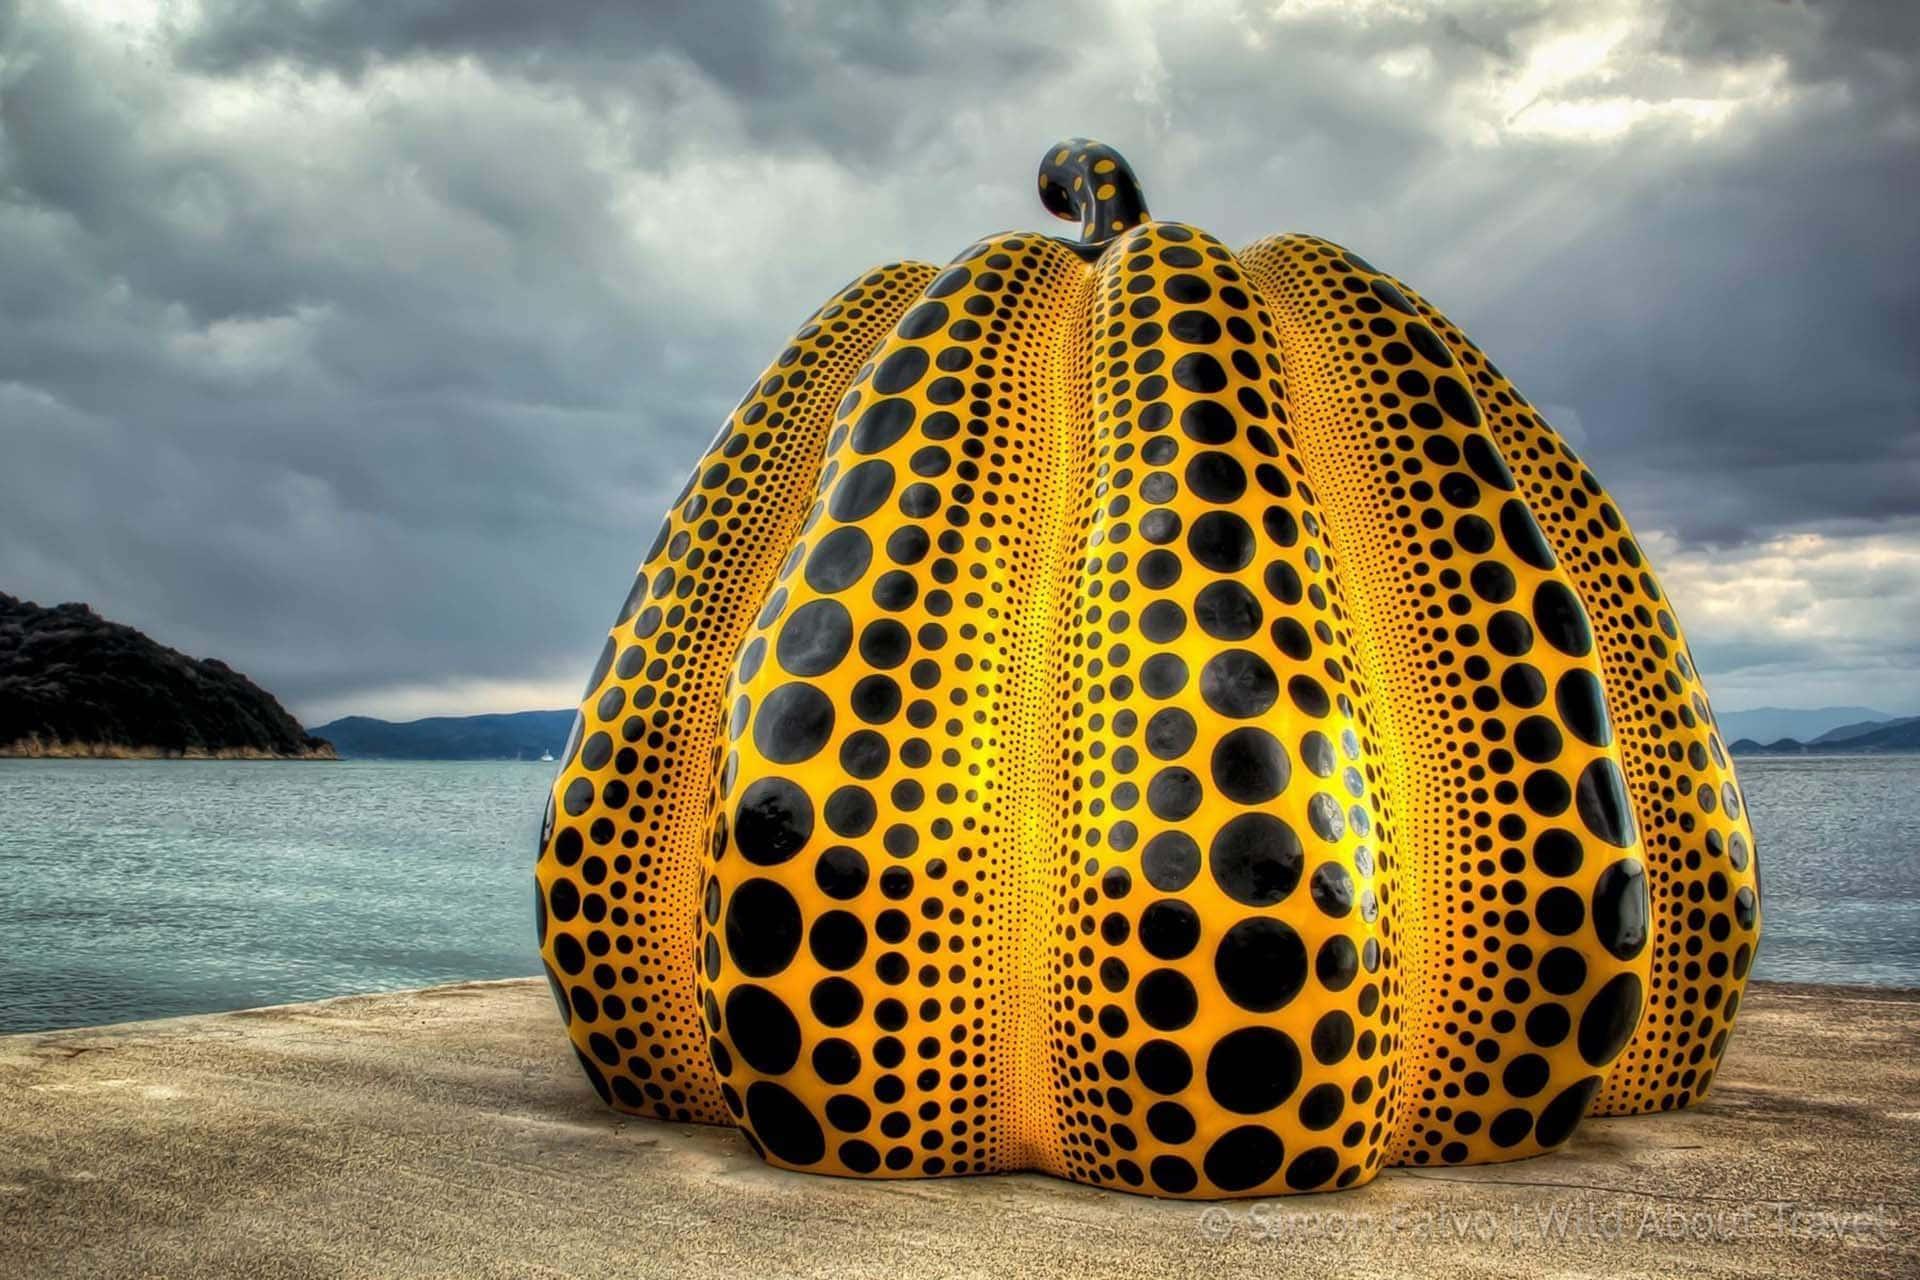 11 Incredible Things To Do At Naoshima & Teshima Art Islands In Japan